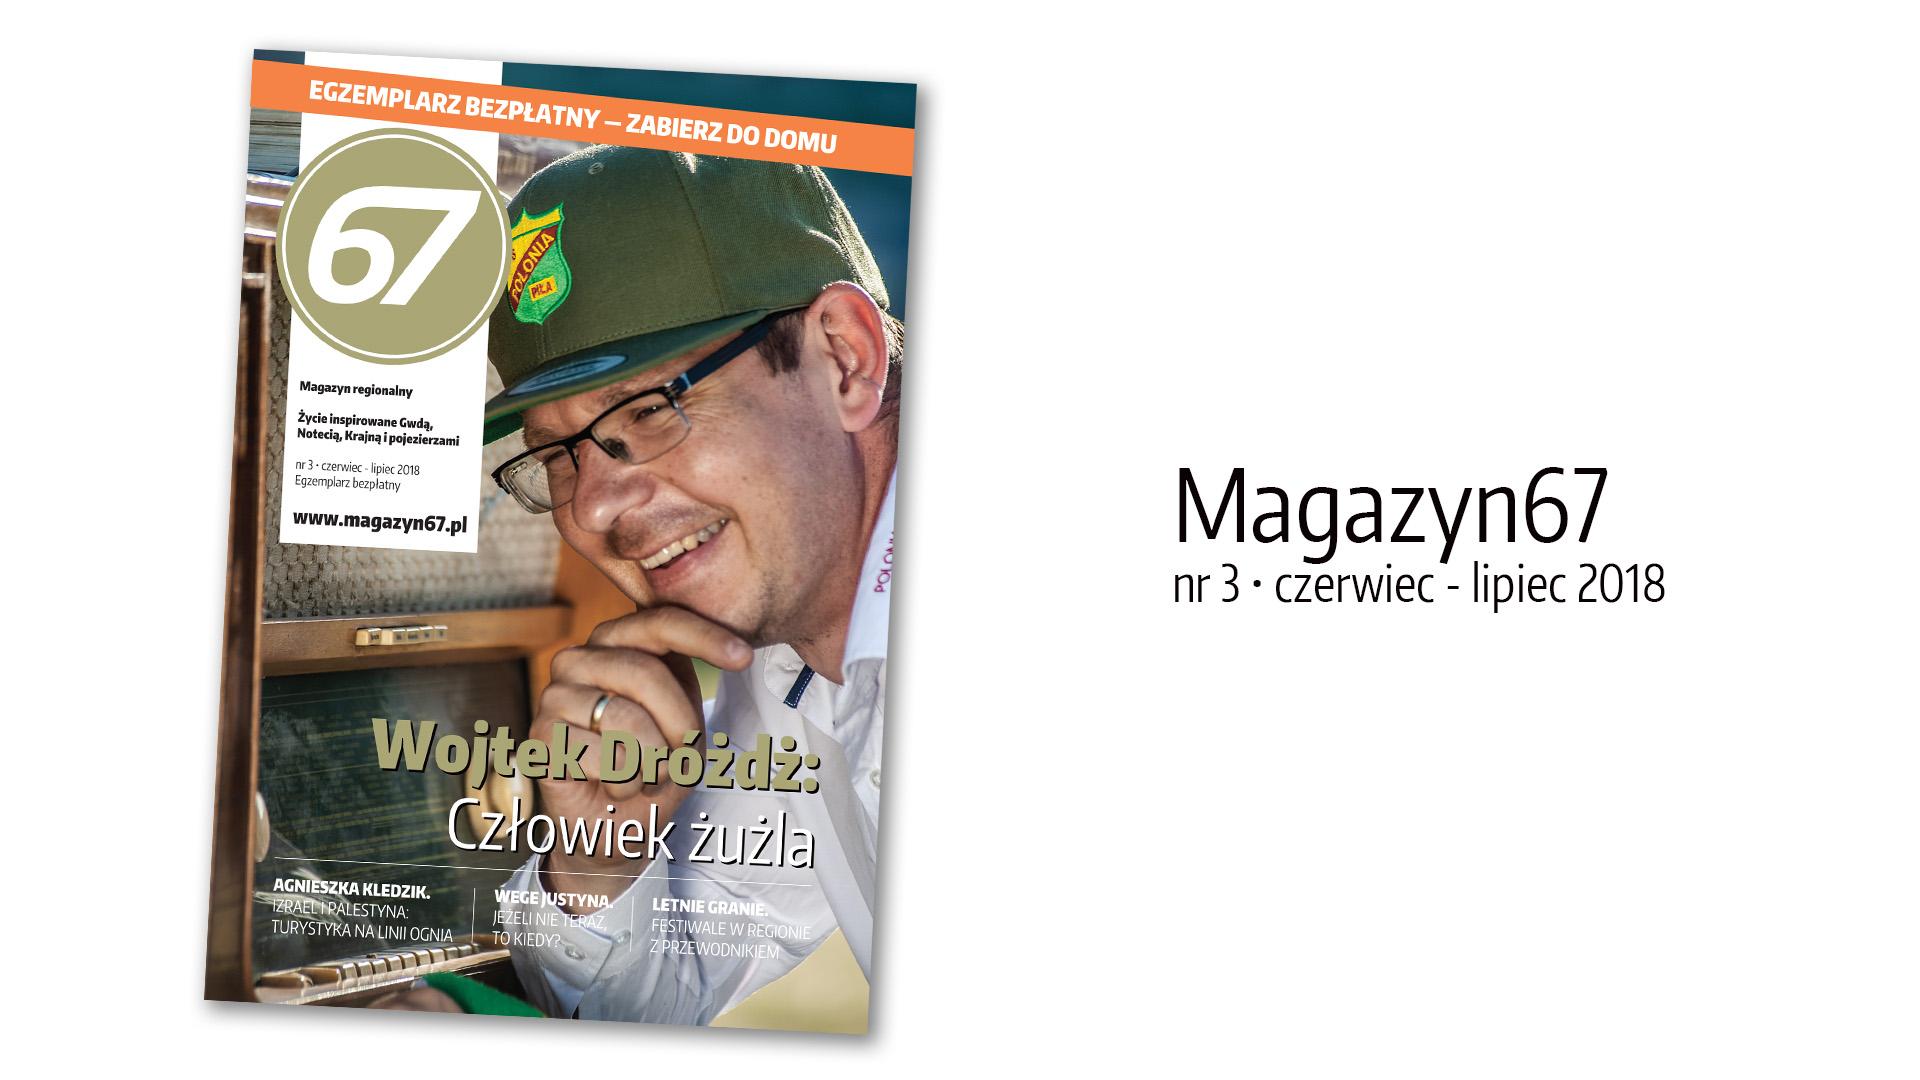 Magazyn67, nr 3, czerwiec - lipiec 2018